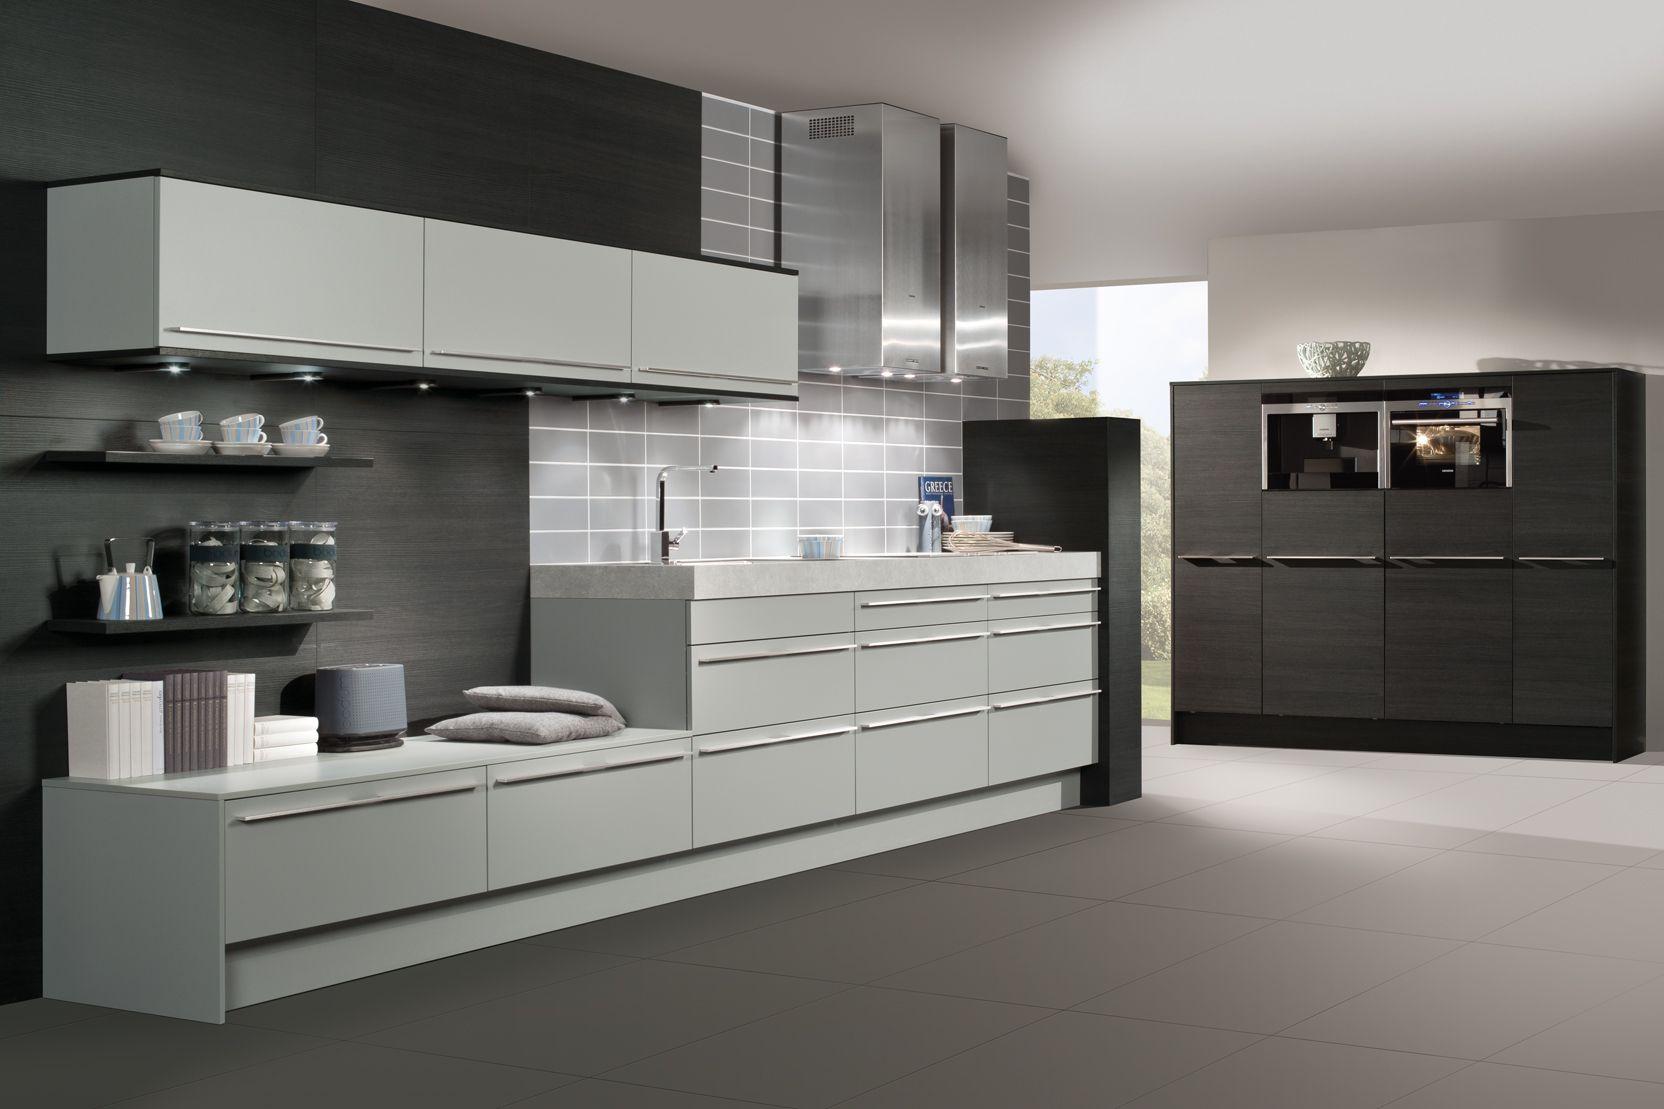 german kitchen cabinets kitchen design at its best concrete grey laminate